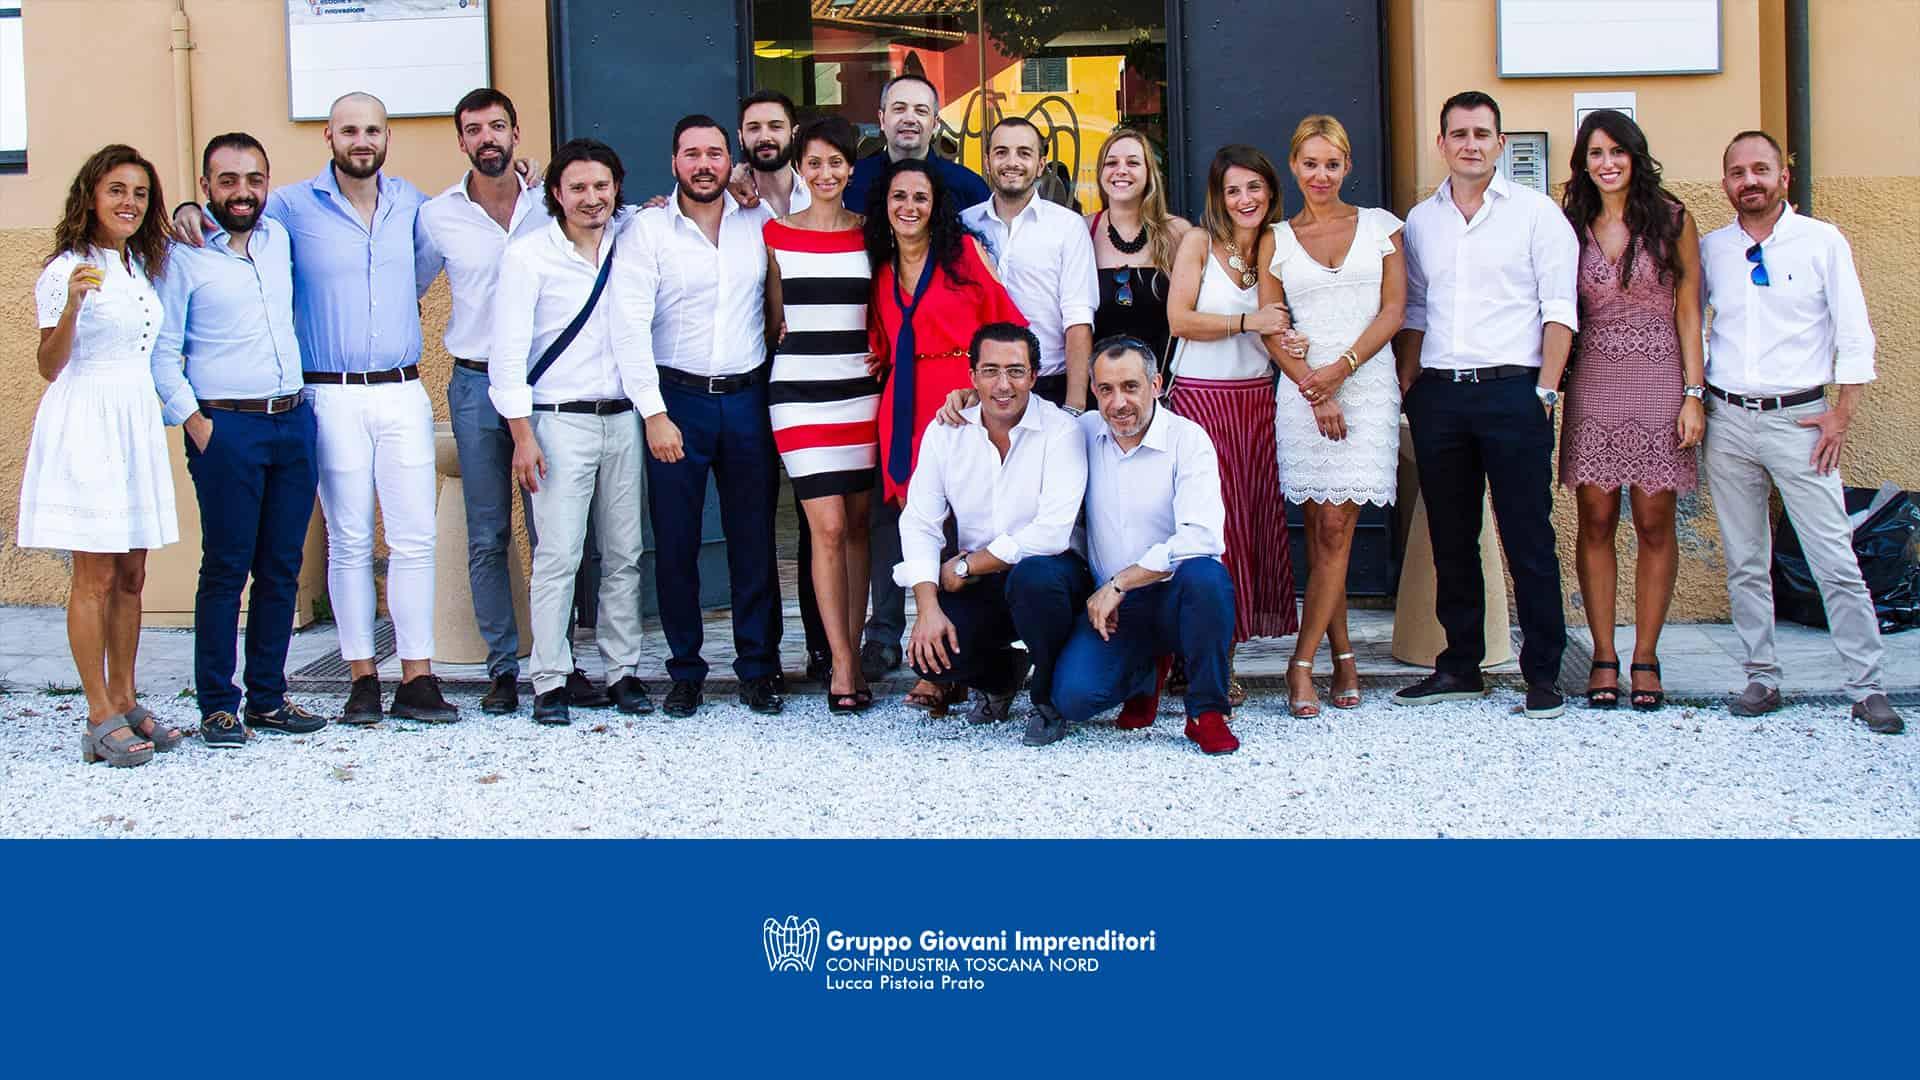 Gruppo giovani imprenditori Confindustria Toscana Nord Copertina soci home